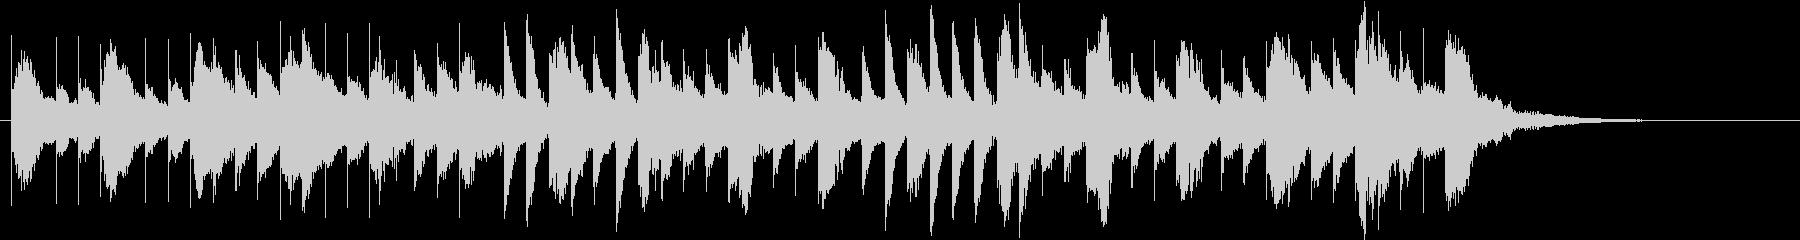 パッヘルベルの「カノン」の未再生の波形